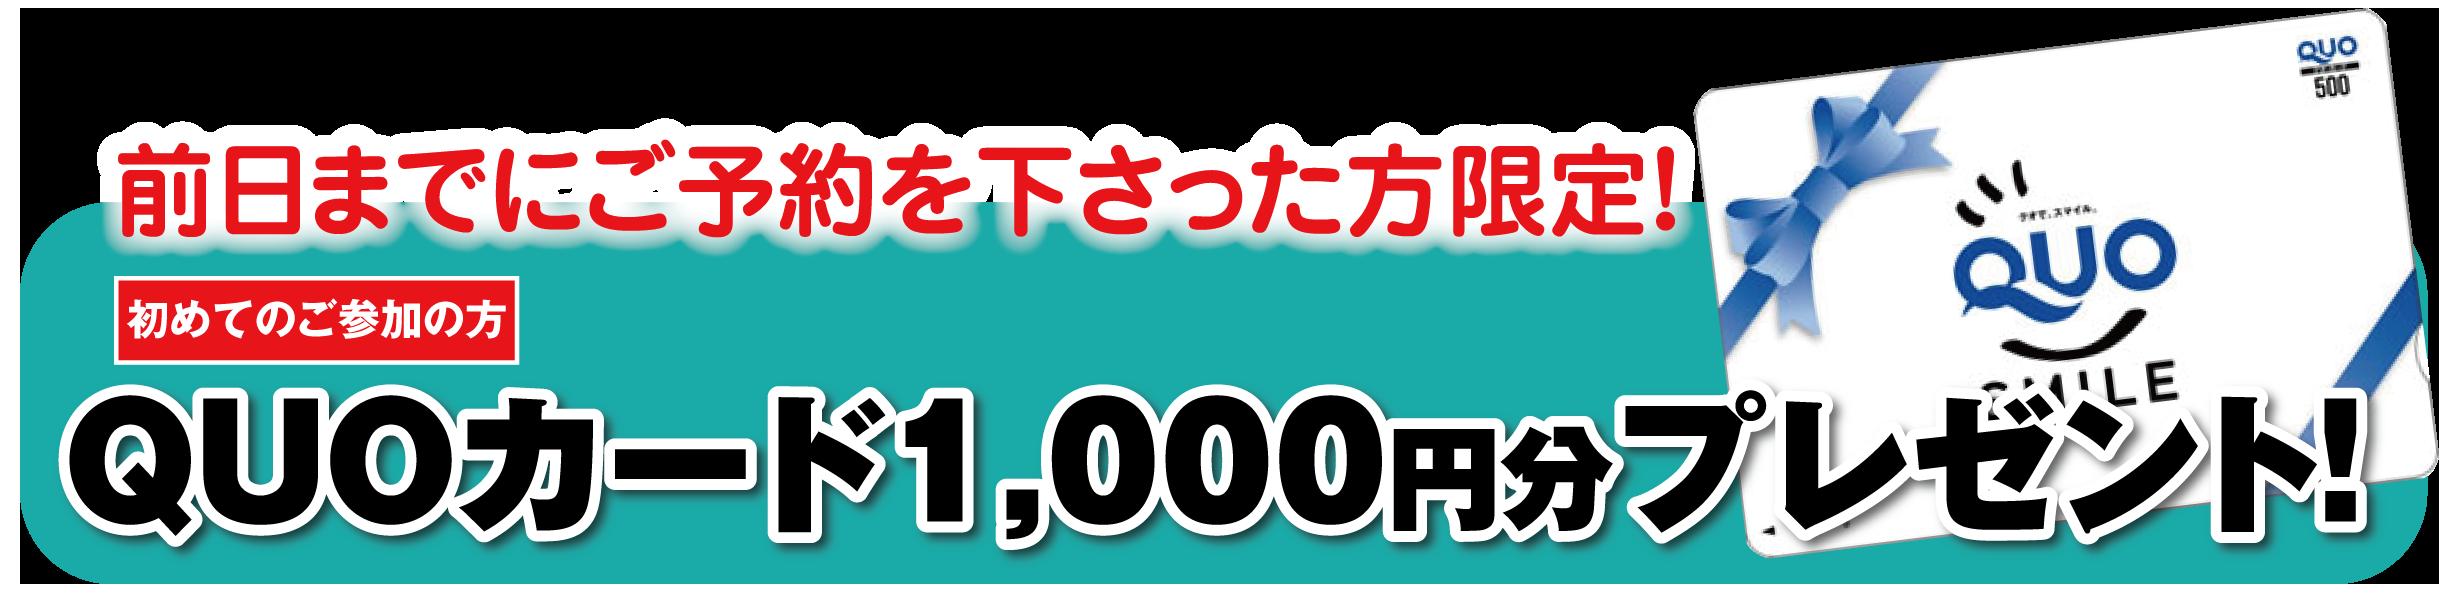 minamihara3_01